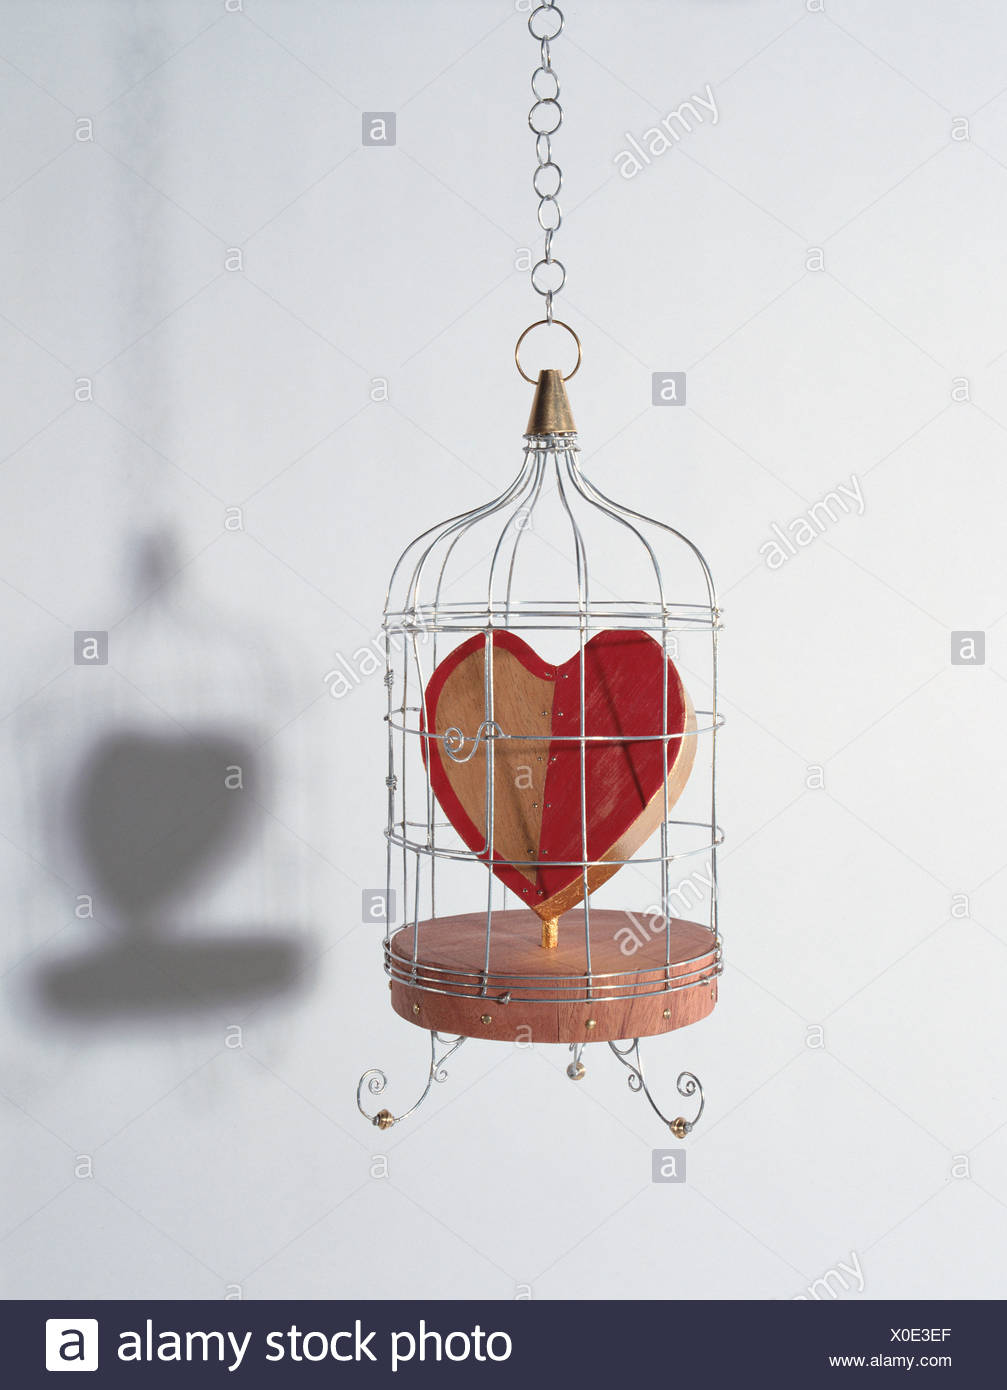 Amor de madera Colgante corazón atrapado en una forma de jaula de metal, corazón pintado mitad rojo, base de madera maciza Imagen De Stock